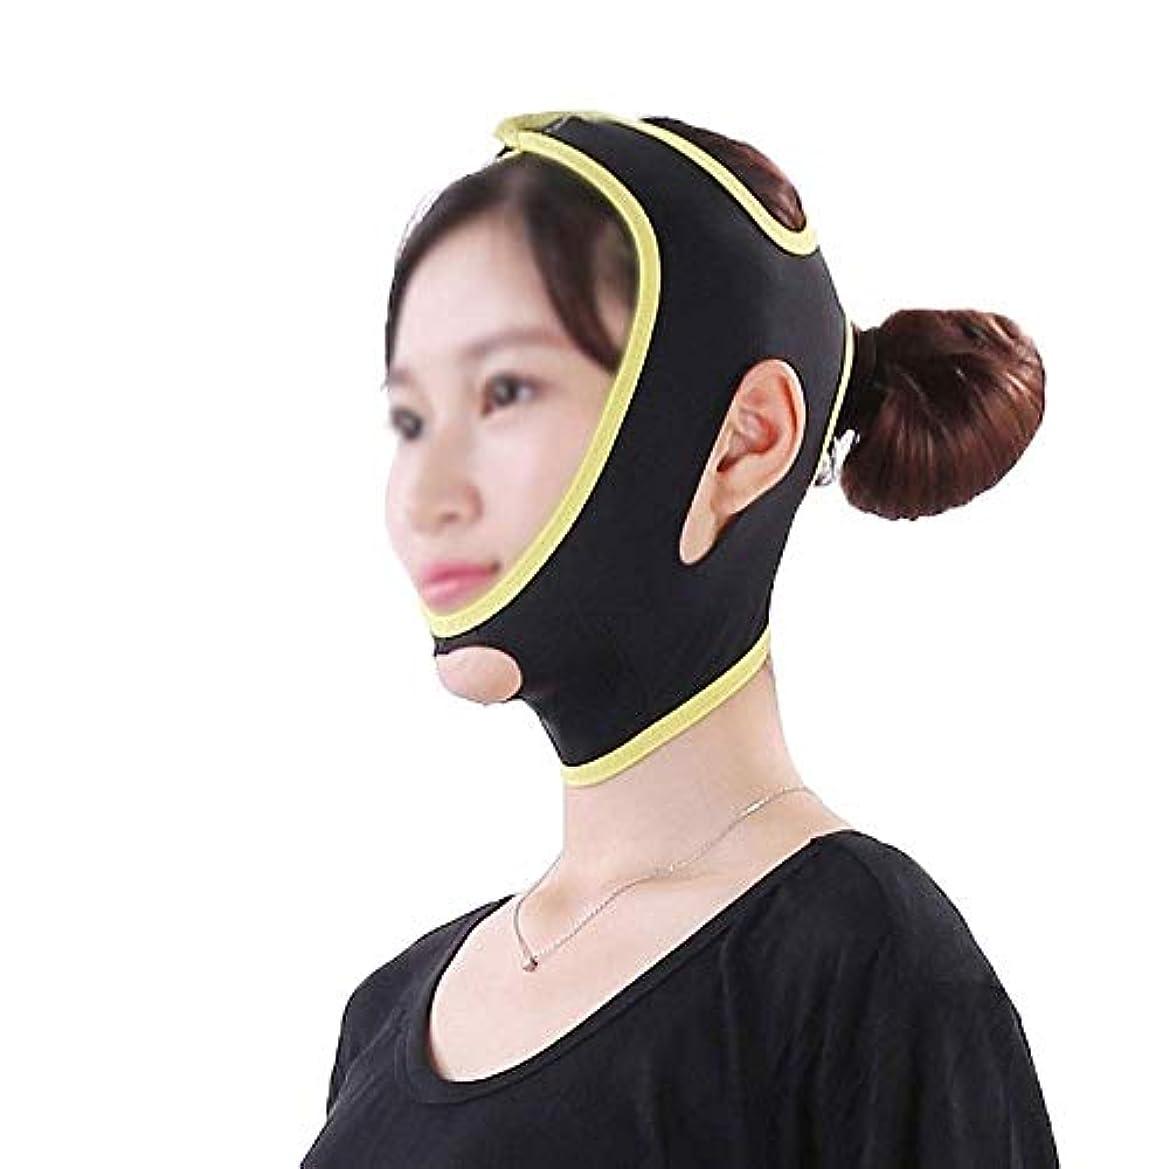 繊毛ミシン静脈フェイス&ネックリフト、フェイスリフトマスク強力なフェイスマスクフェイスリフトアーチファクトフェイスリフティングフェイスリフティングツールフェイスリフティング包帯シンフェイスマスク美容マスク(サイズ:L)